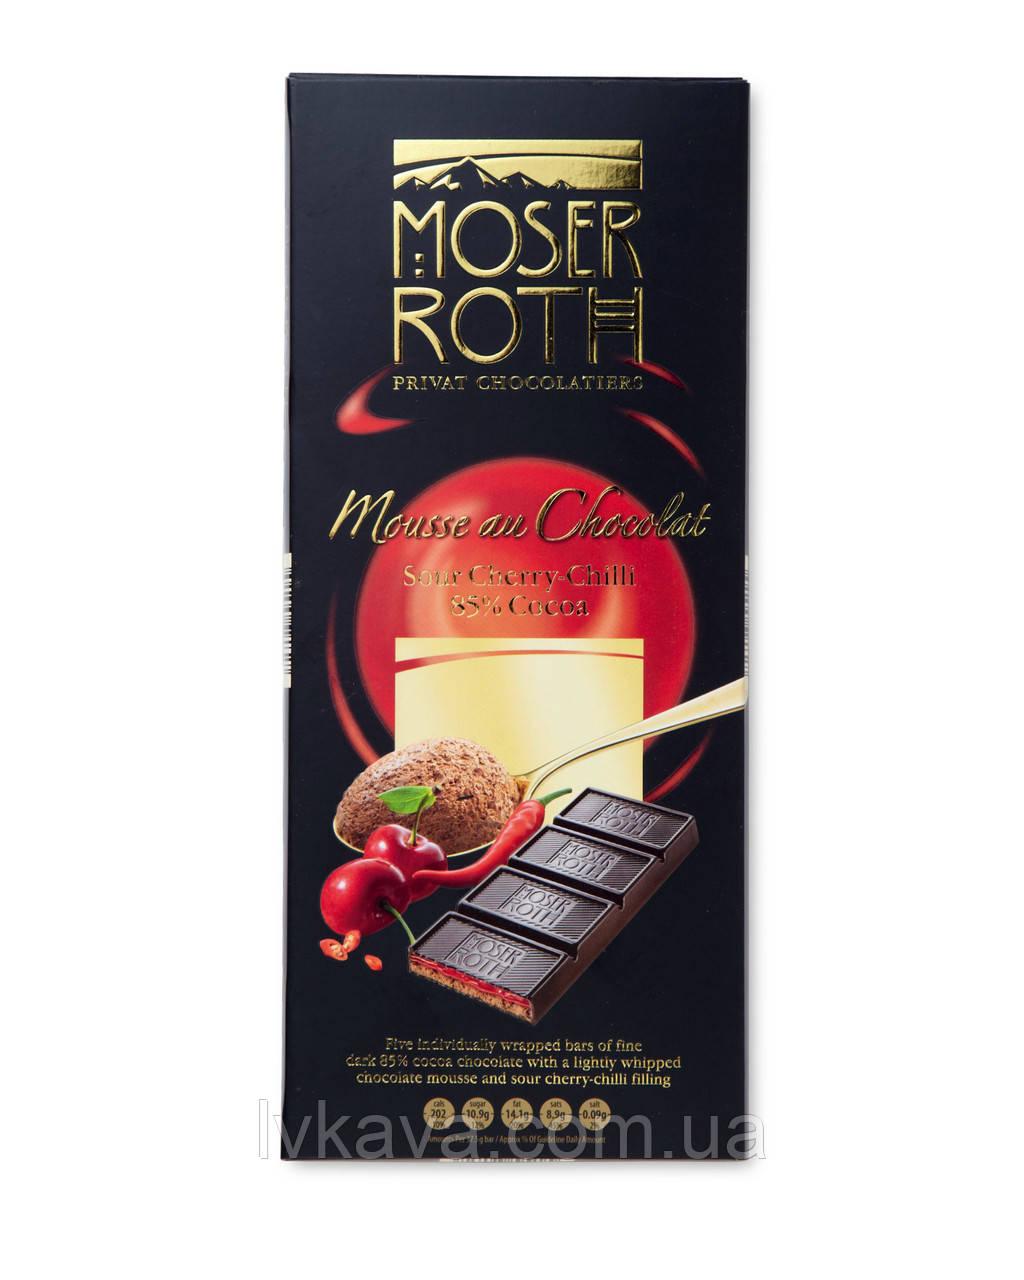 Чорний шоколад Moser Roth Mousse Au Chocolat з вишнею та перцем чилі , 150 гр